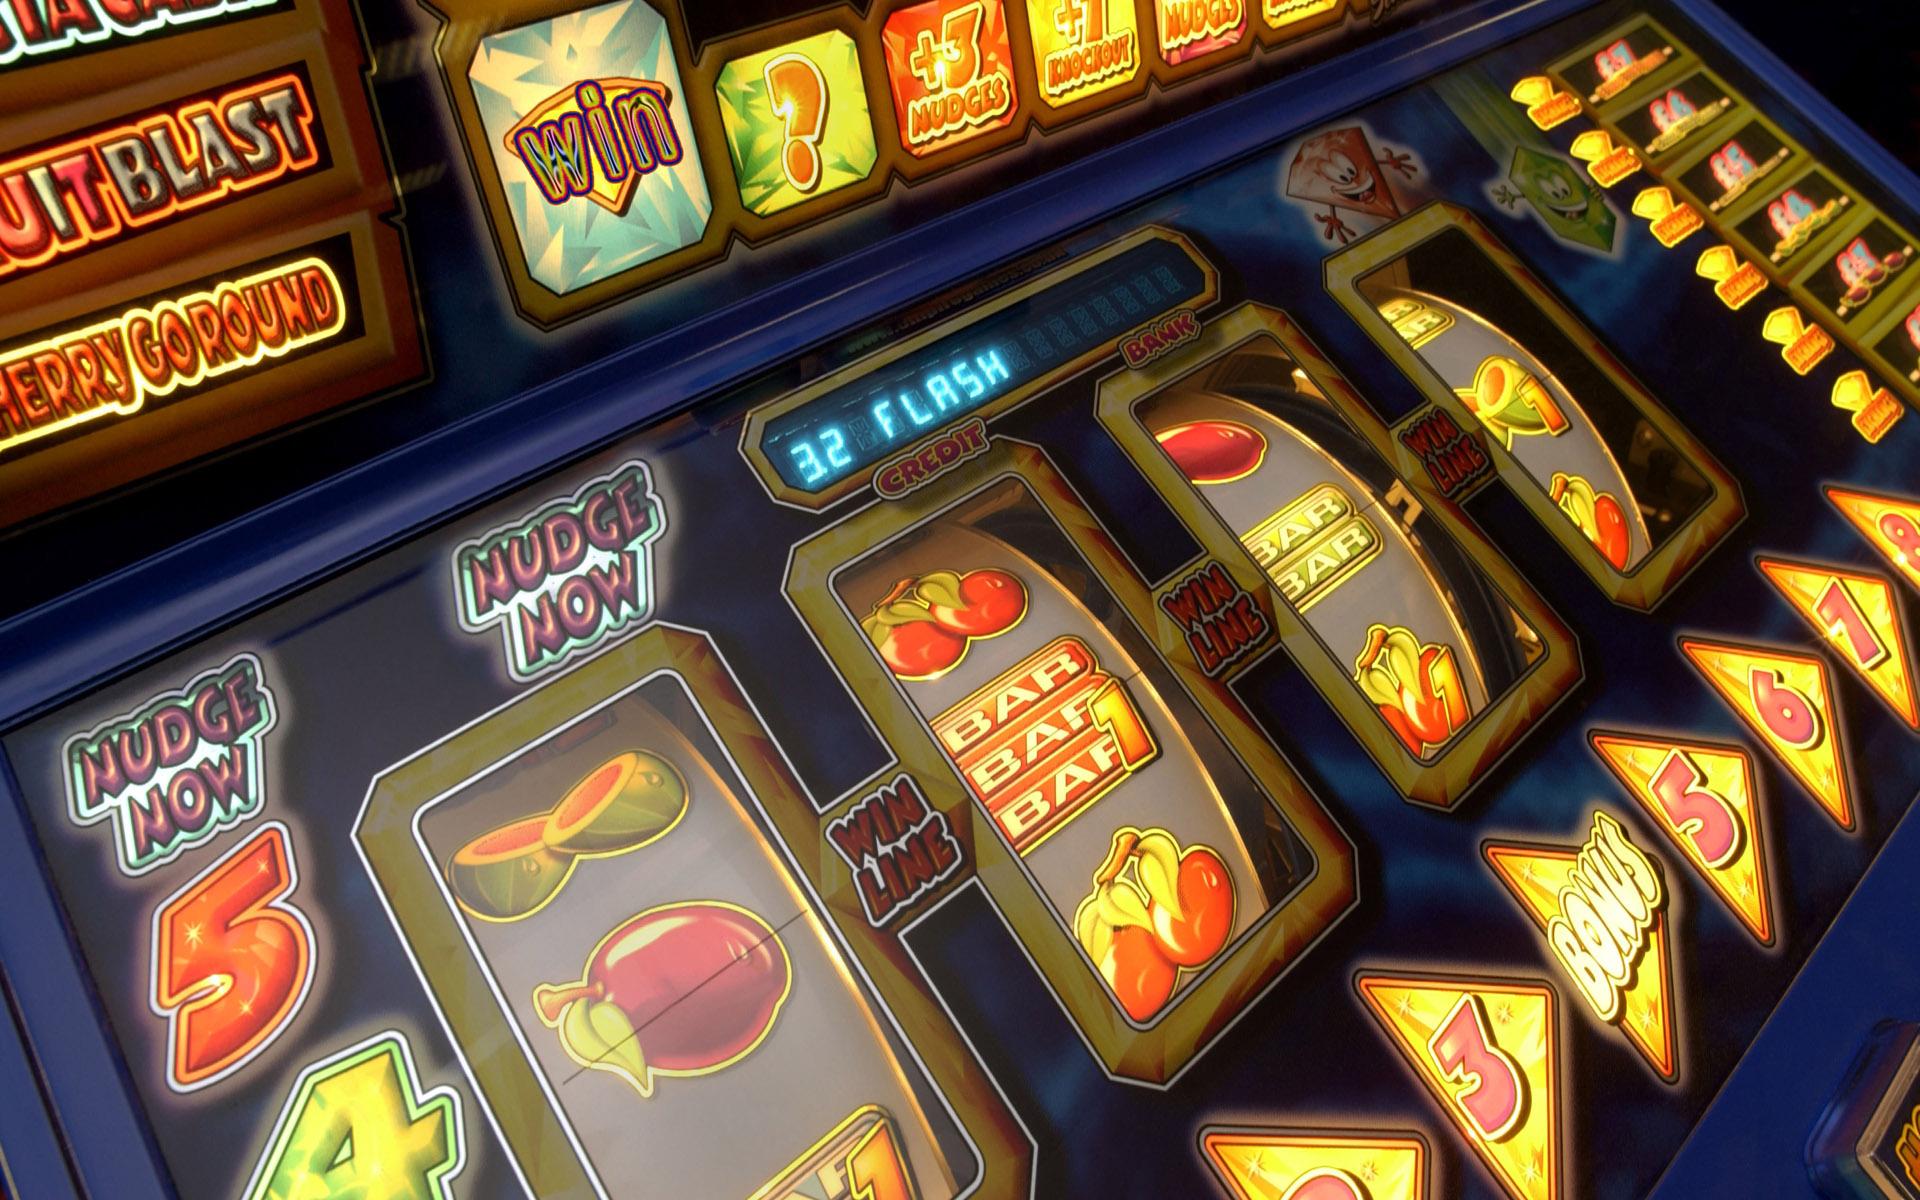 Лучшие азартные игры он-лайн кизел игровые аппараты